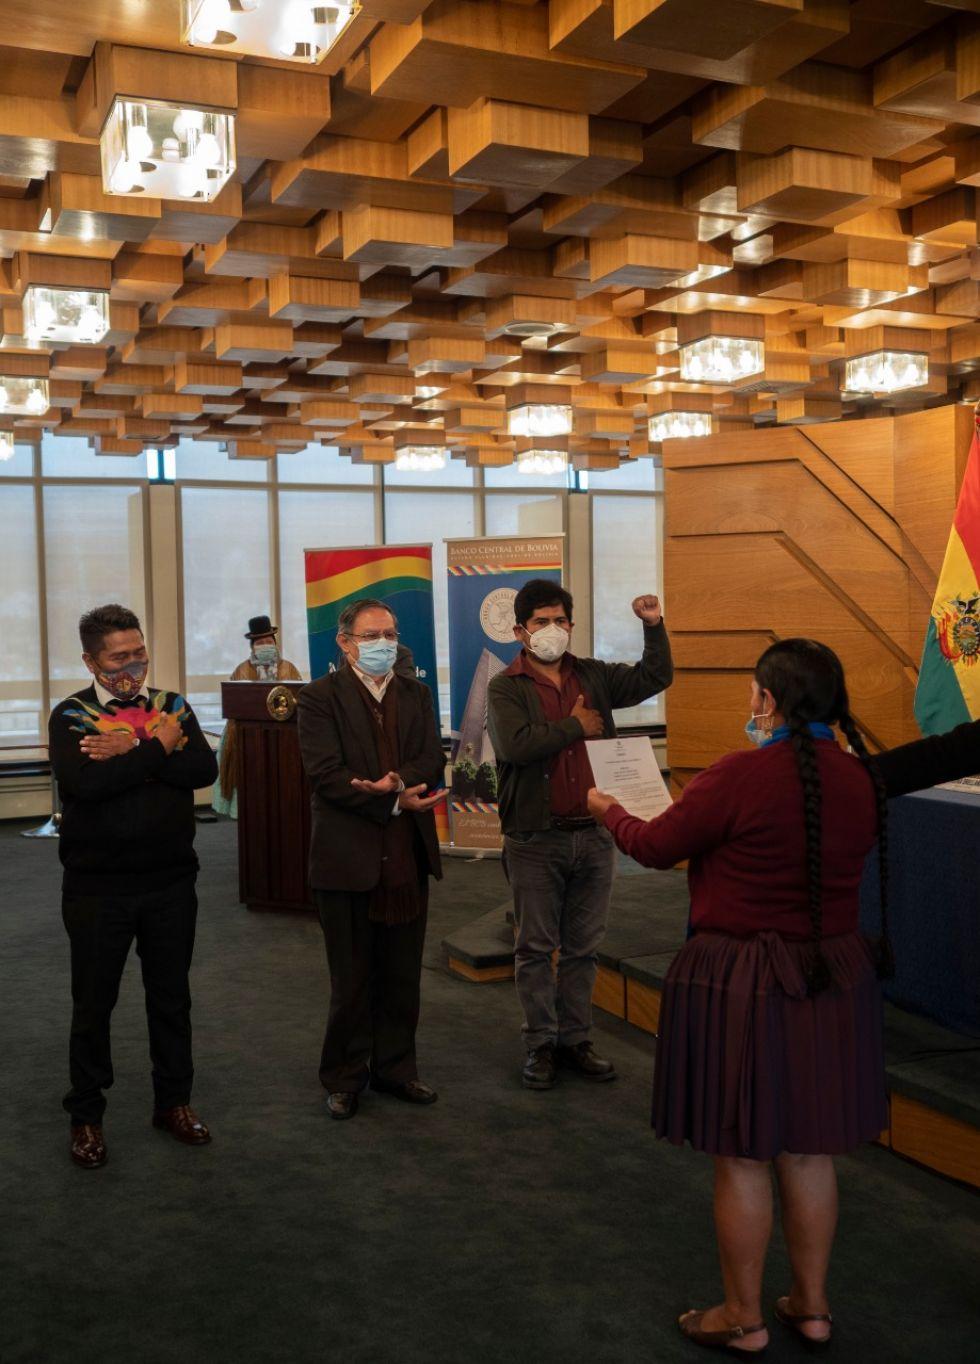 Fueron posesionados en  un acto protocolar que se desarrolló por la mañana del jueves 31 de diciembre FOTO: FCBCB